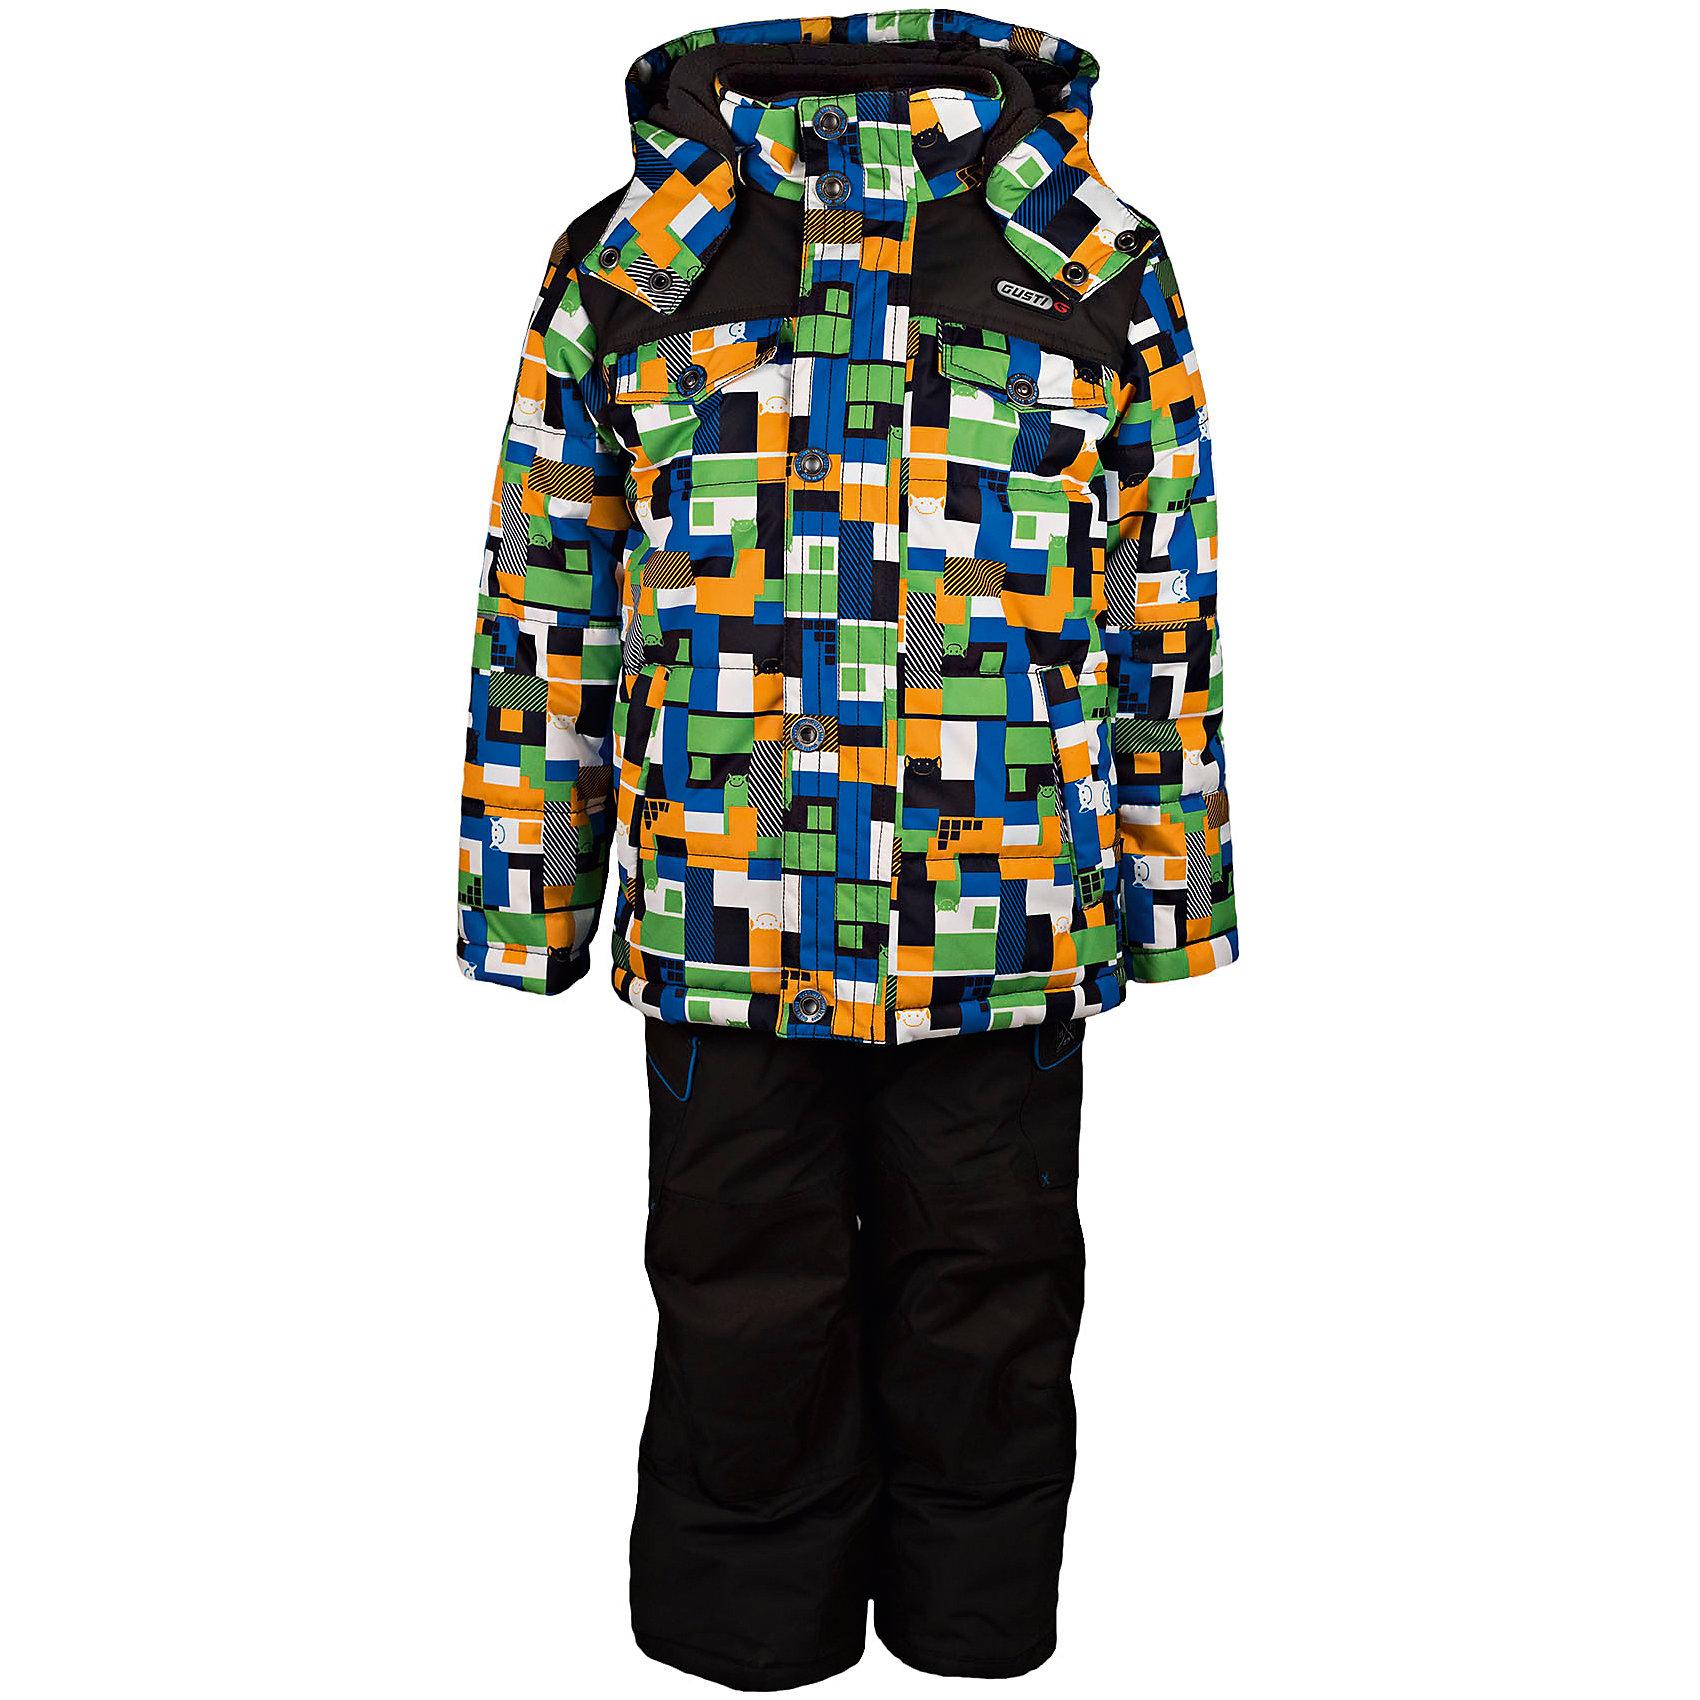 Комплект: куртка и полукомбинезон GUSTIКомплект: куртка и полукомбинезон GUSTI (ГУСТИ) – это идеальный вариант для суровой зимы с сильными морозами.<br><br>Температурный режим: до -30  градусов. Степень утепления – высокая. <br><br>* Температурный режим указан приблизительно — необходимо, прежде всего, ориентироваться на ощущения ребенка. Температурный режим работает в случае соблюдения правила многослойности – использования флисовой поддевы и термобелья.<br><br>Комплект от GUSTI (ГУСТИ) состоит из куртки и полукомбинезона прямого кроя, выполненных из плотного непромокаемого материала с защитной от влаги мембраной 5000 мм. Тань хорошо сохраняет тепло, отталкивает влагу и позволяет коже ребенка дышать. Утеплитель из тек-полифилла и флисовая внутренняя отделка на груди и на спинке дают возможность использовать комплект при очень низких температурах. Куртка застегивается на молнию с ветрозащитной планкой, имеет два накладных кармана с клапанами и два внутренних кармана на застежках-молниях, снегозащитную юбку, трикотажные манжеты в рукавах, отстёгивающийся прилегающий капюшон с флисовой подкладкой. Полукомбинезон застегивается на молнию, имеет два накладных кармана с клапанами на липучках, регулируемые лямки, снегозащитные гетры. Длина брючин регулируется (отворот с креплением на липе). Сзади, на коленях, и по низу брючин имеется дополнительный слой ткани Cordura Oxford (сверхстойкий полиэстер). До размера 6х (120 см.) у полукомбинезона высокая грудка, в размерах 7 (122 см.) - 14 (164см) отстегивающаяся спинка, грудки нет. Модель подходит для прогулок на морозе до -30 градусов.<br><br>Дополнительная информация:<br><br>- Сезон: зима<br>- Пол: мальчик<br>- Цвет: мультиколор, черный<br>- Узор: мозаика<br>- Температурный режим до -30 градусов<br>- Материал верха: куртка - shuss 5000мм (100% полиэстер); брюки - taslan 5000мм, накладки Cordura Oxford сзади, на коленях, и по низу брючин<br>- Наполнитель: куртка - тек-полифилл плотностью 283 гр/м (10 унций) 100% полиэстер; брю